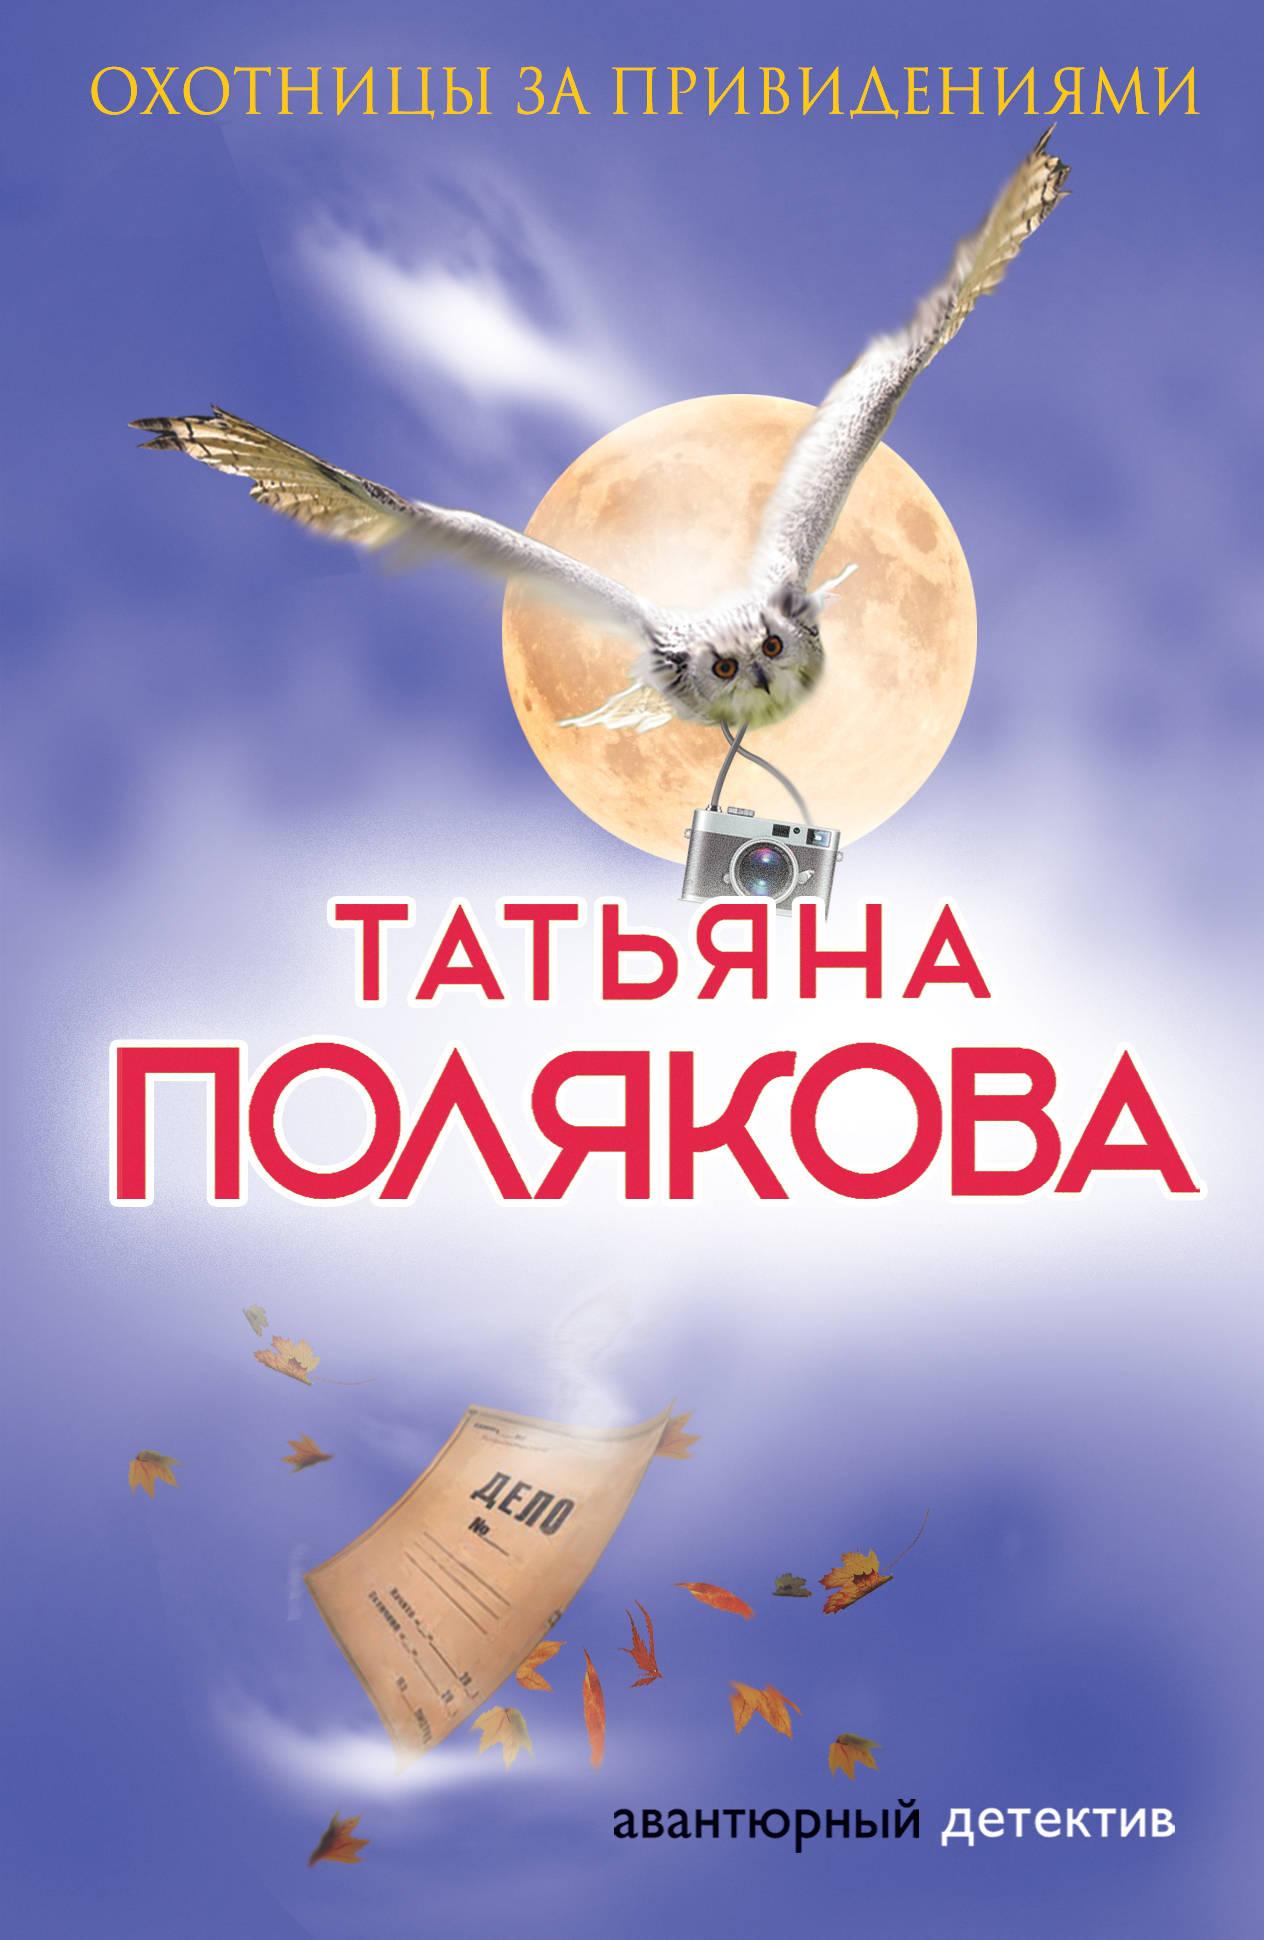 Татьяна Полякова Охотницы за привидениями мария жукова гладкова в гости по ночам…